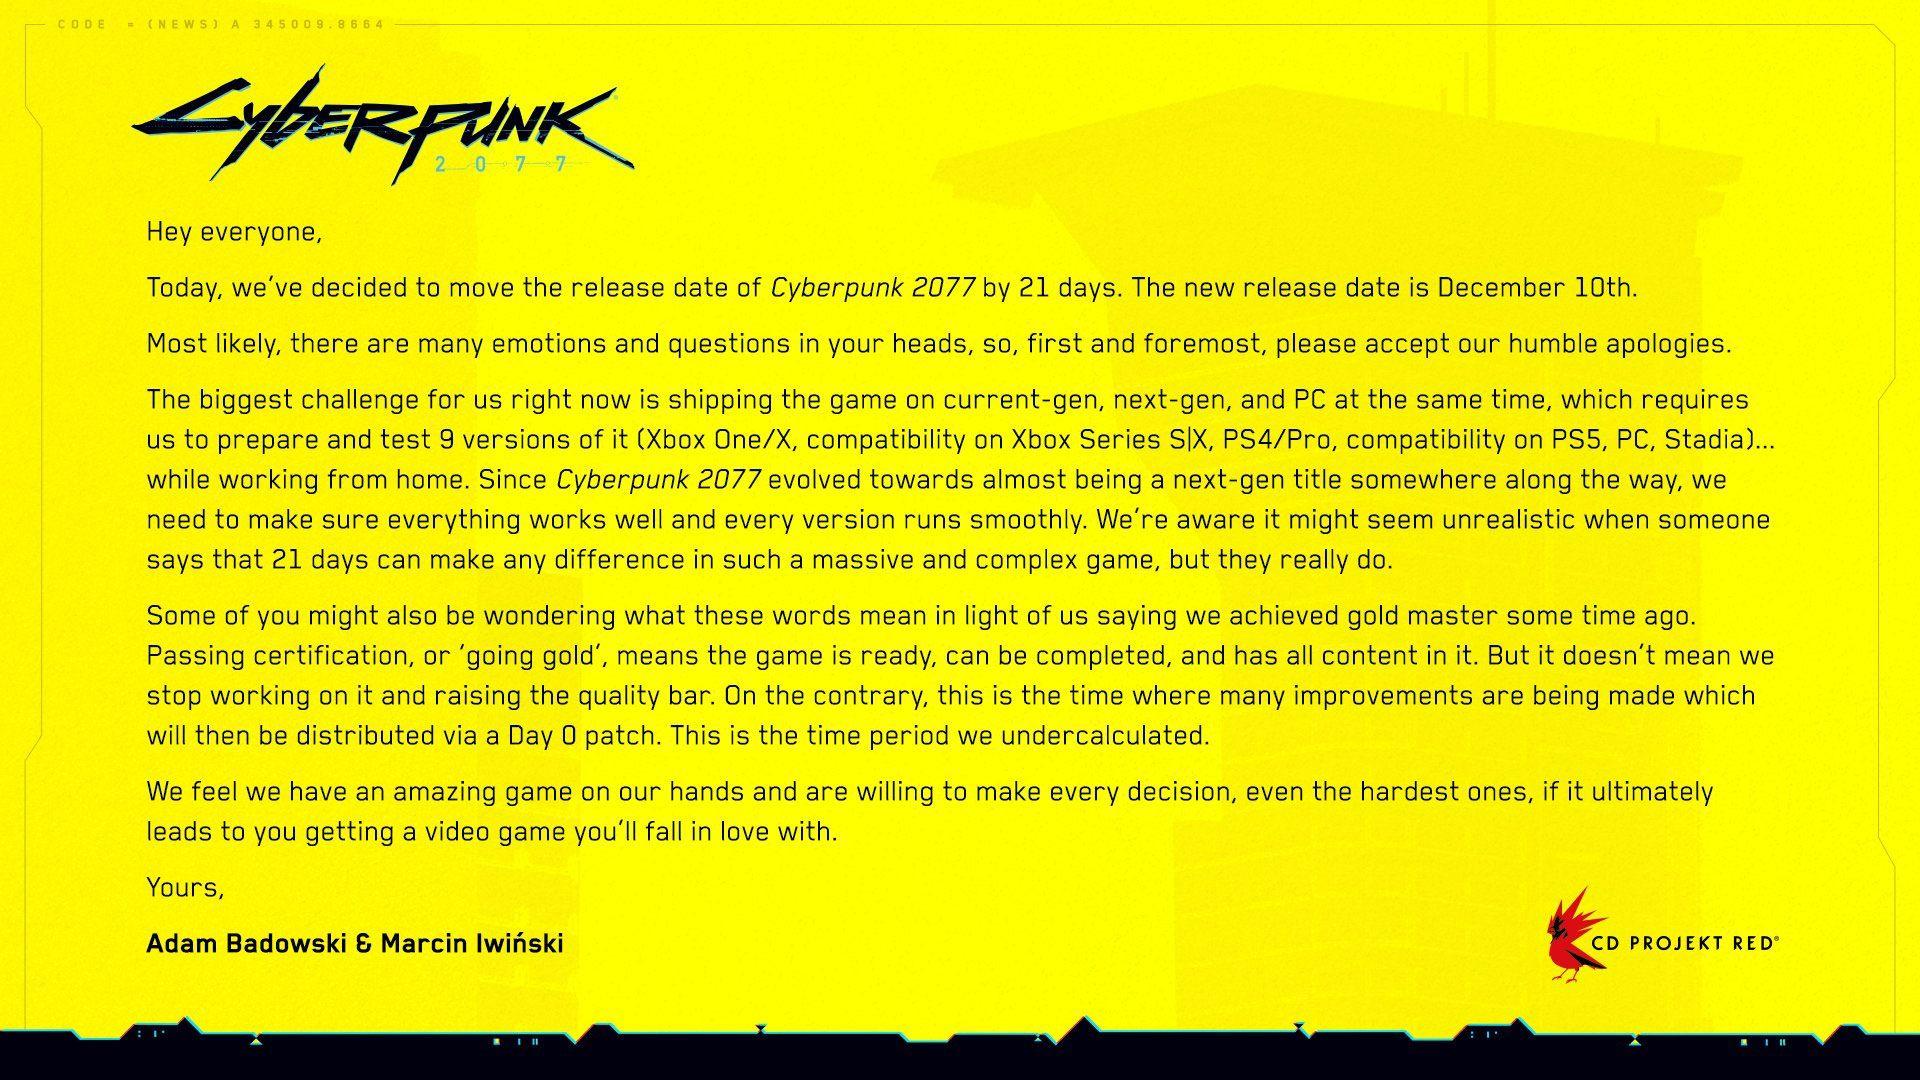 CD Projekt Red divulga mensagem com novo atraso para Cyberpunk 2077 (Foto: Reprodução/CD Projekt Red)